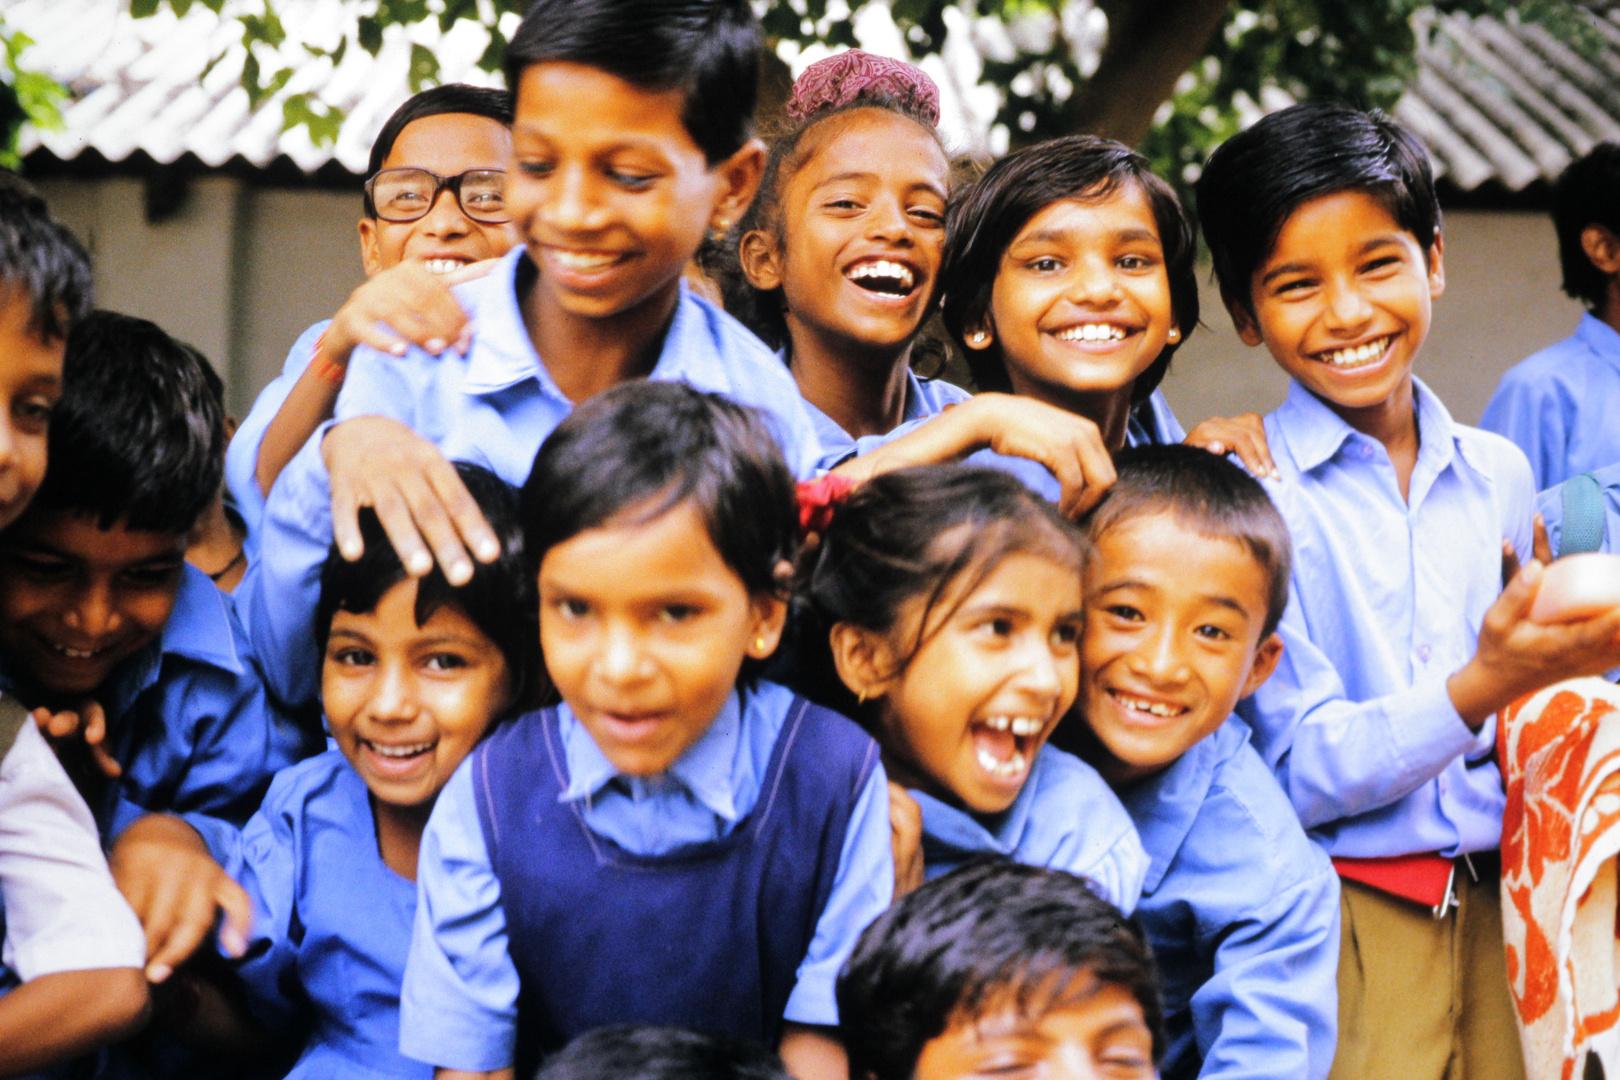 Schulkinder in Neu Delhi / Indien